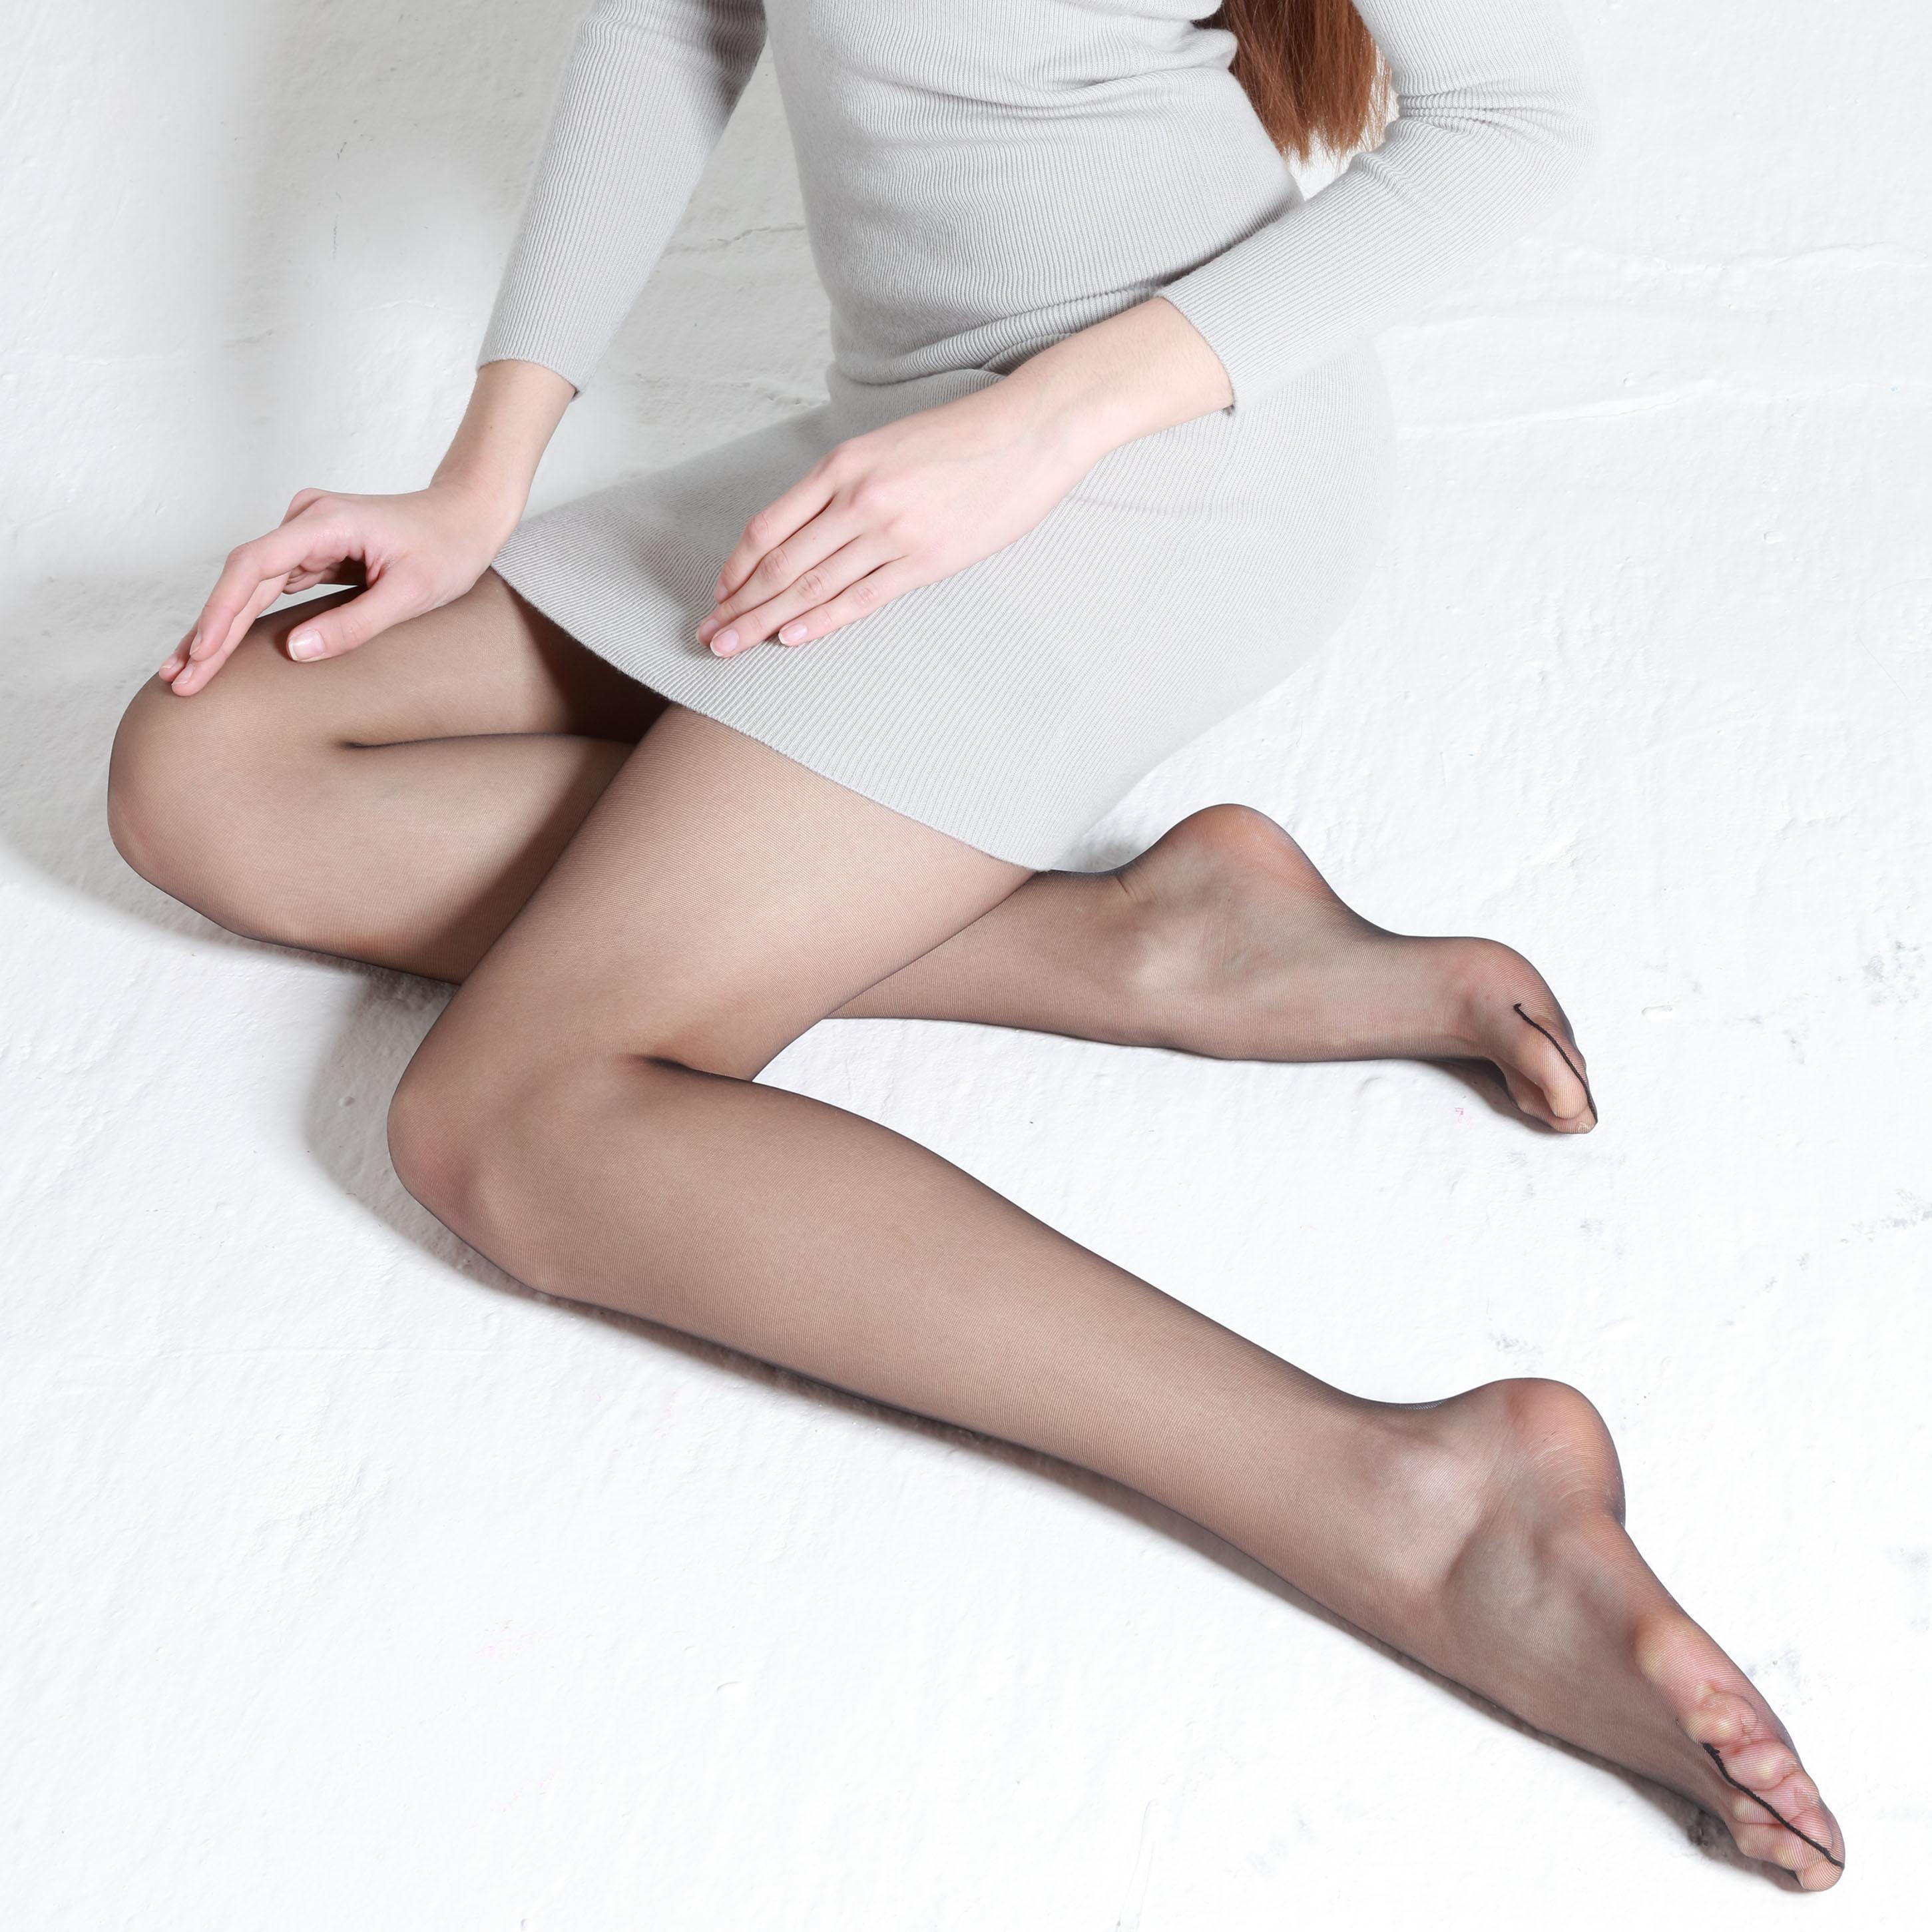 3双意大利Trasparenze性感黑丝袜8D夏季超薄隐形透明连裤袜capri